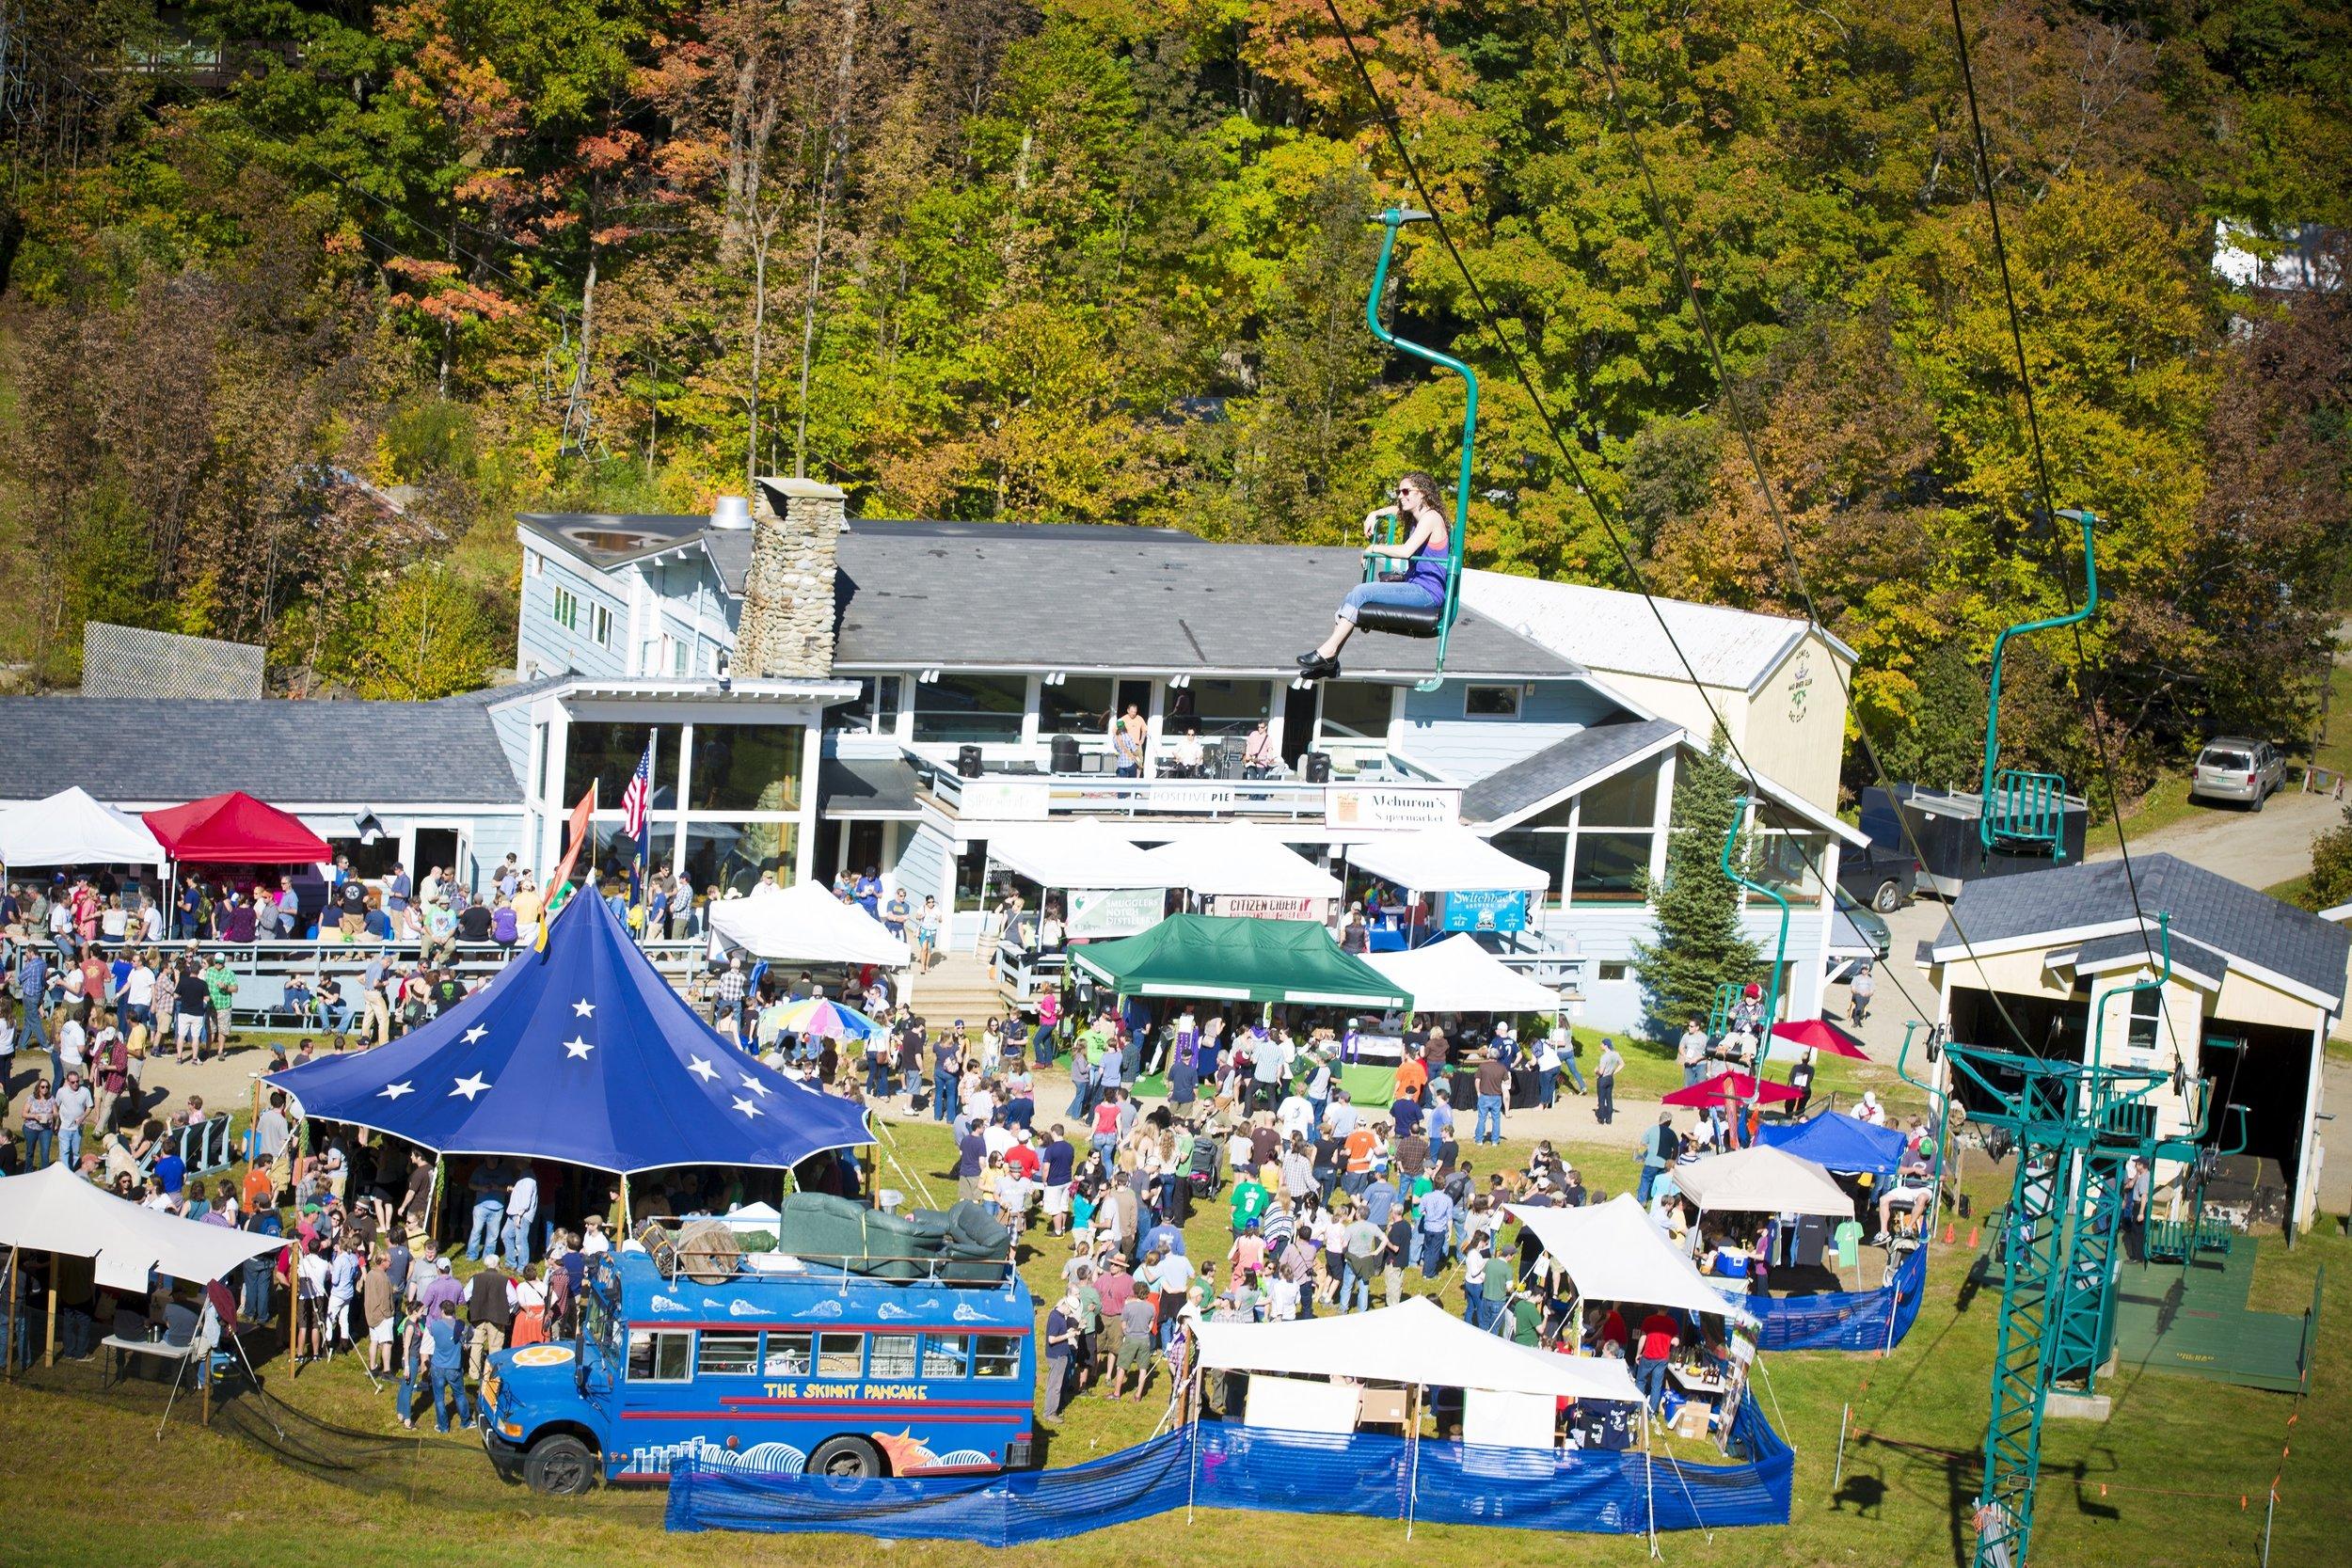 Siptemberfest: September 23-24